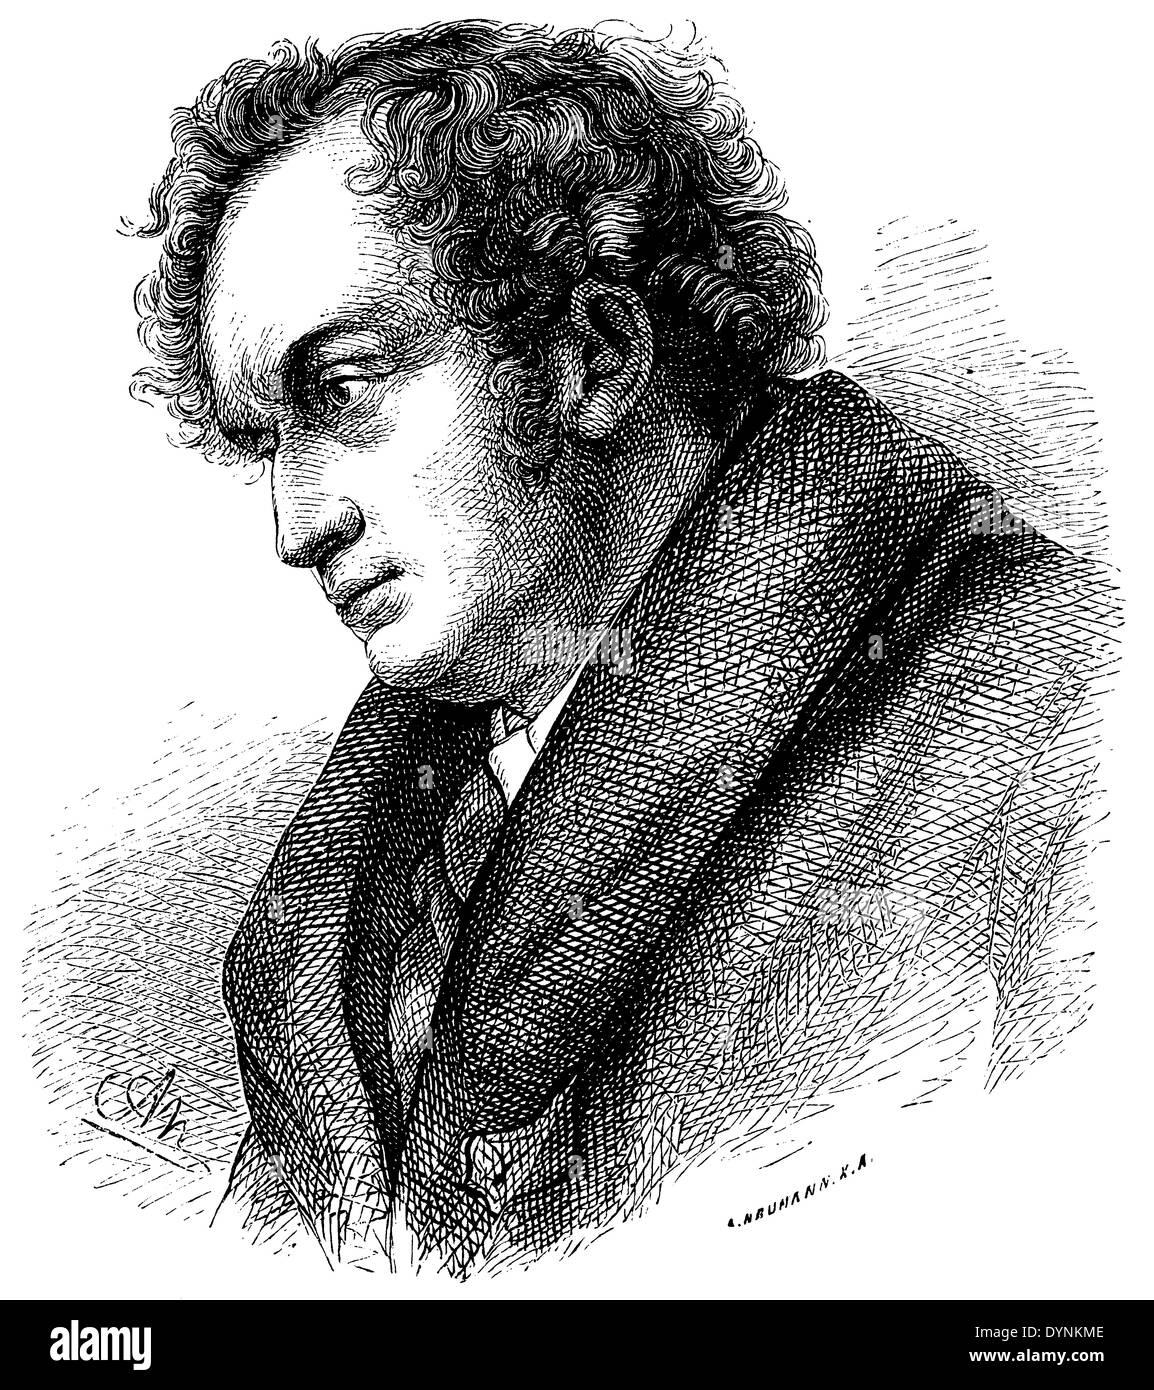 1816),Friedrich Wilhelm von Schadow (born September 6, 1789, died March 19, - Stock Image